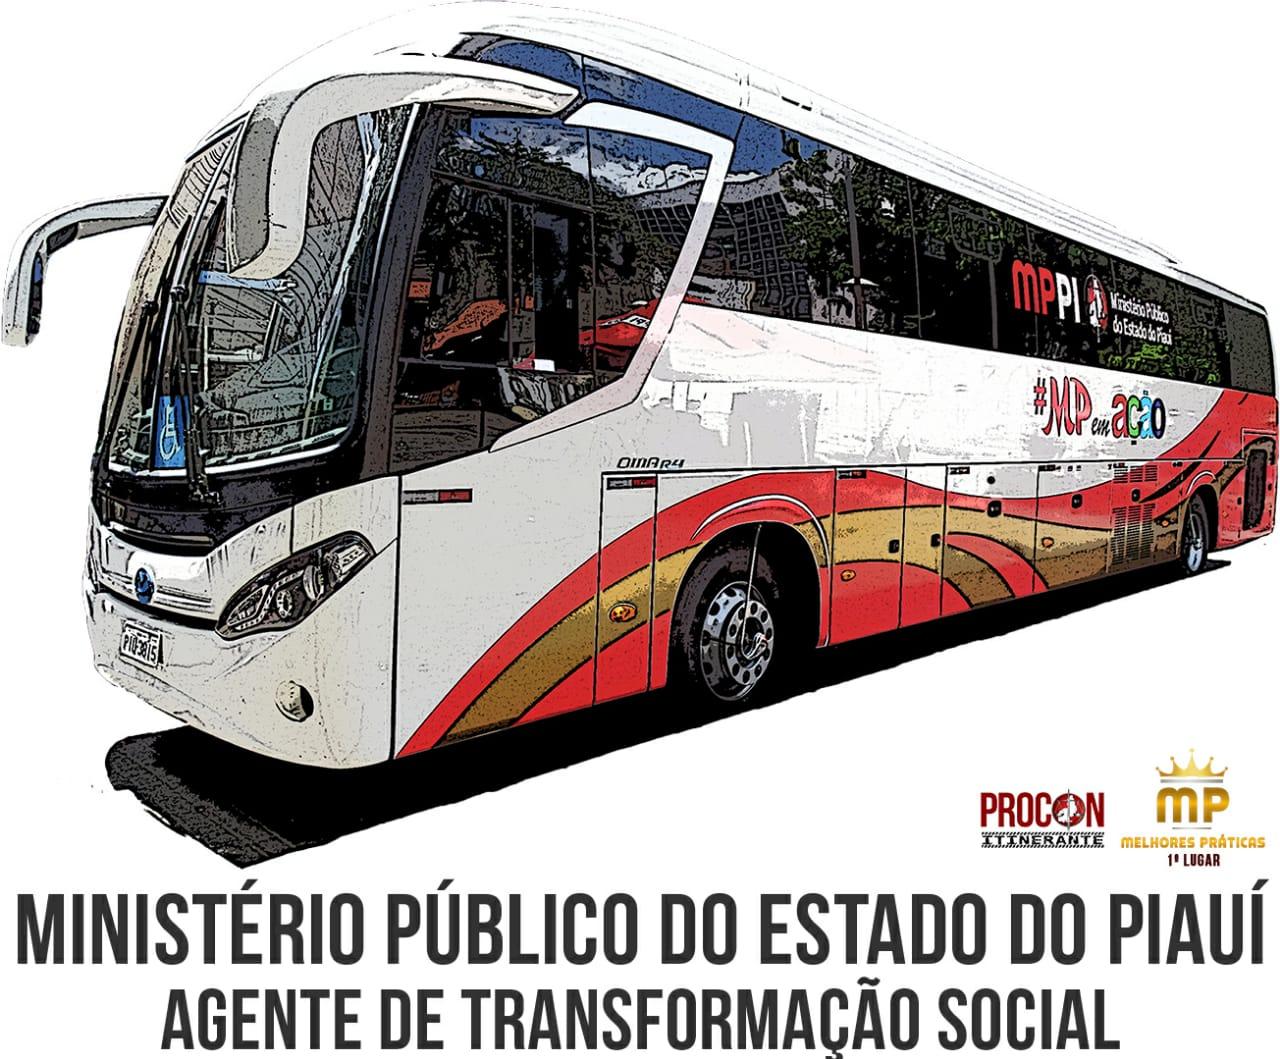 Procon Itinerante vai percorrer cinco cidades na região de Esperantina